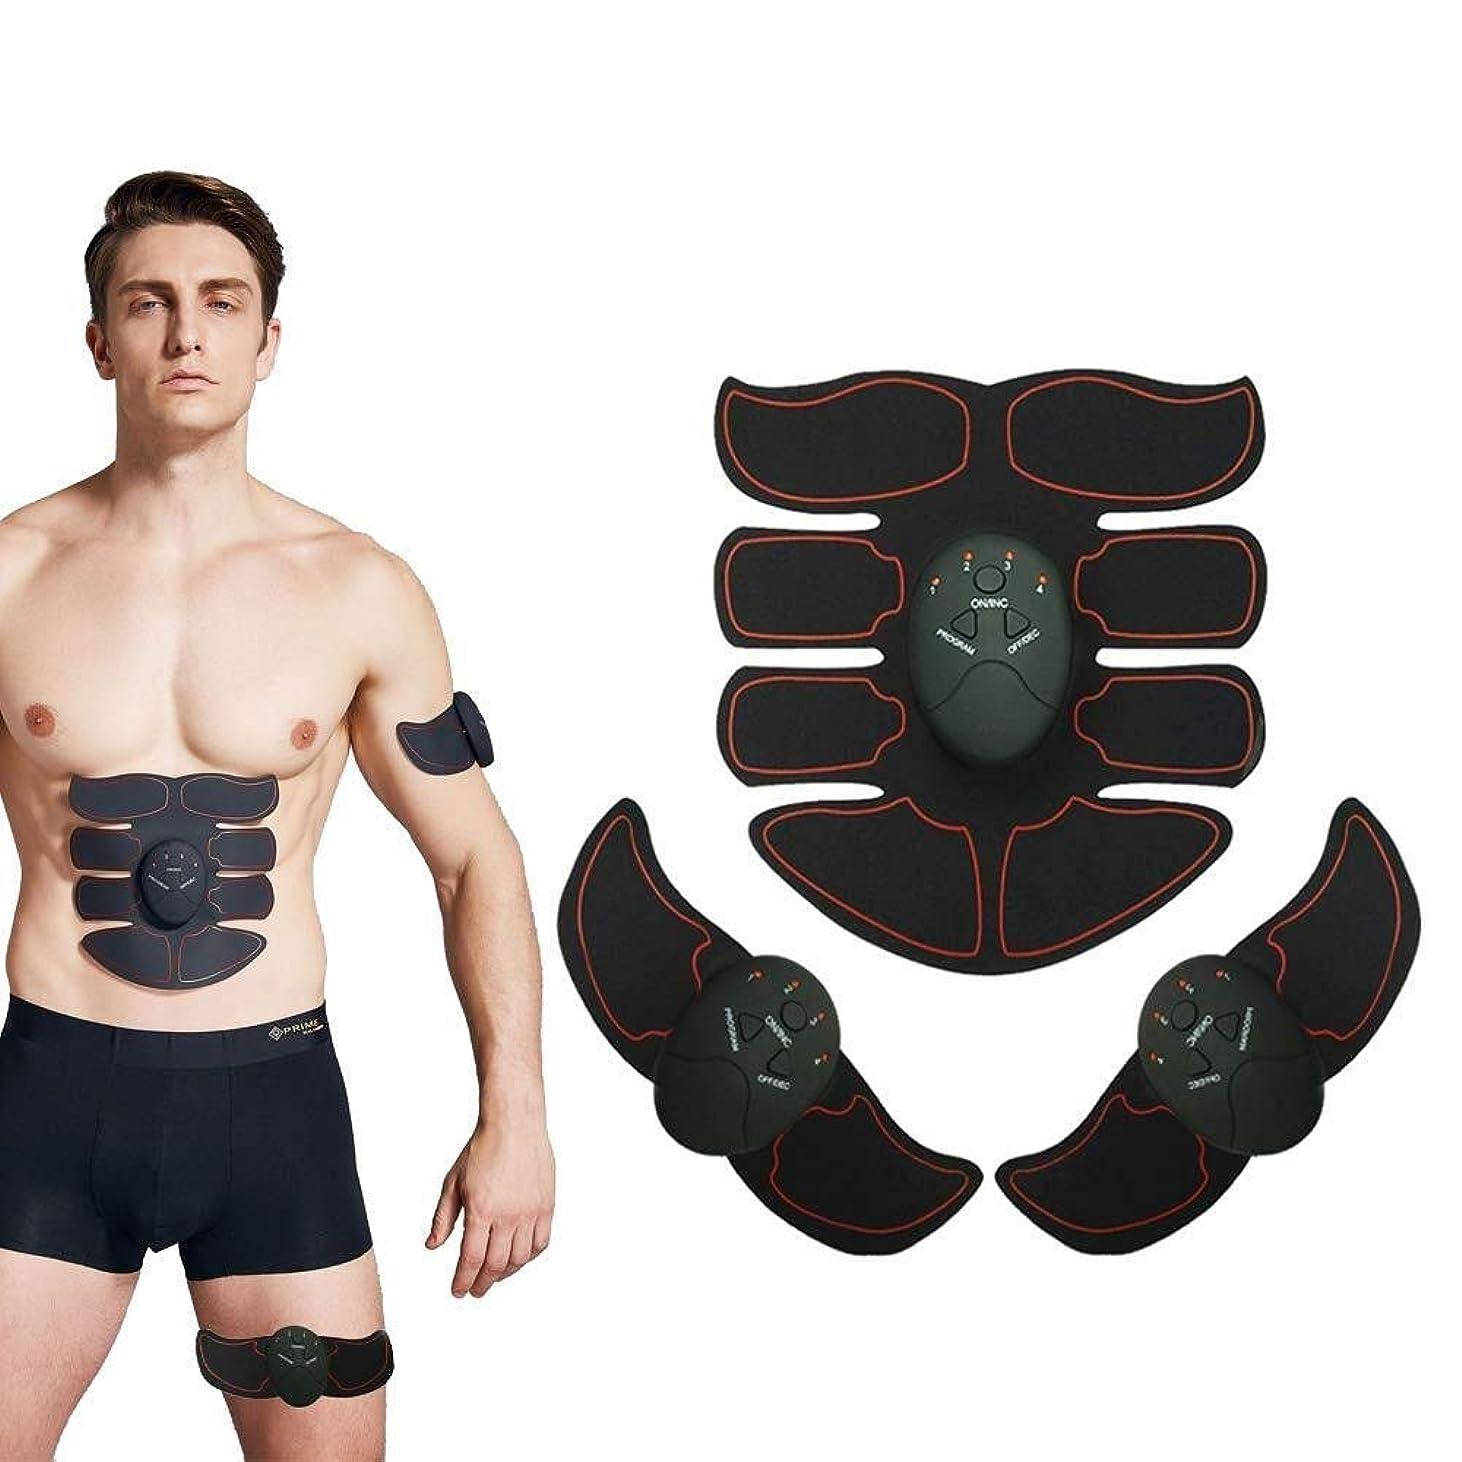 マウントバンク閉じるヒューズ腹筋トレーナー 筋肉刺激装置 腹部調色ベルト、 USB充電式 筋肉のトナー、 ワイヤレスポータブル トレーニングギア、 完璧な ホーム 運動器具 にとって 男女 - 6つのモードと10のレベルの強度